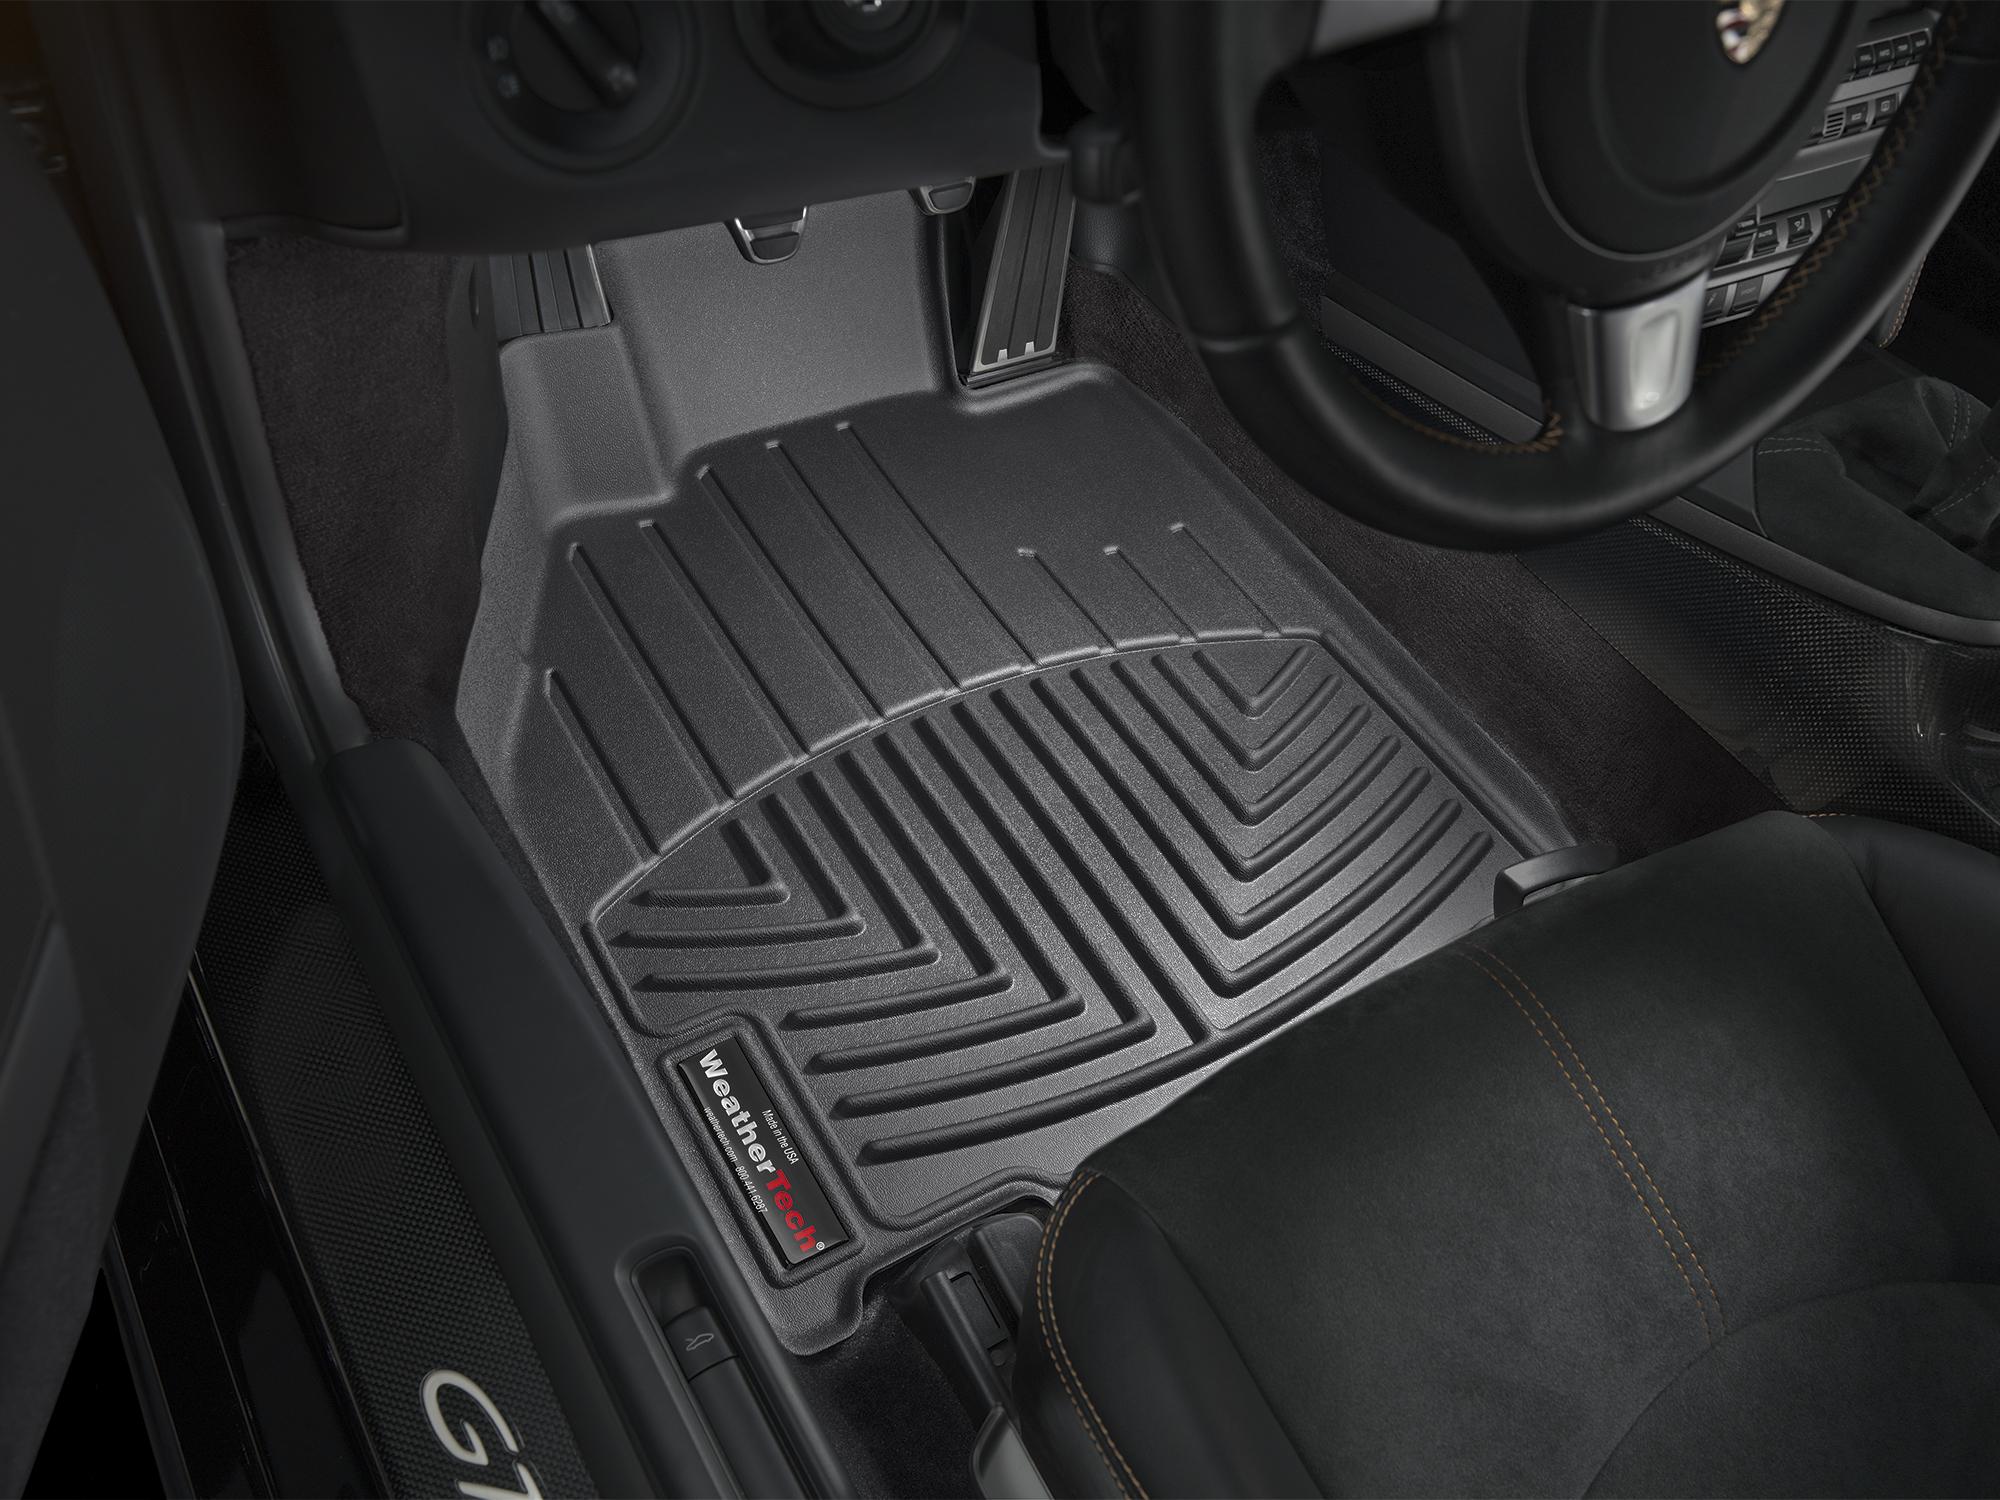 Tappeti gomma su misura bordo alto Porsche® Boxster® 05>12 Nero A3092